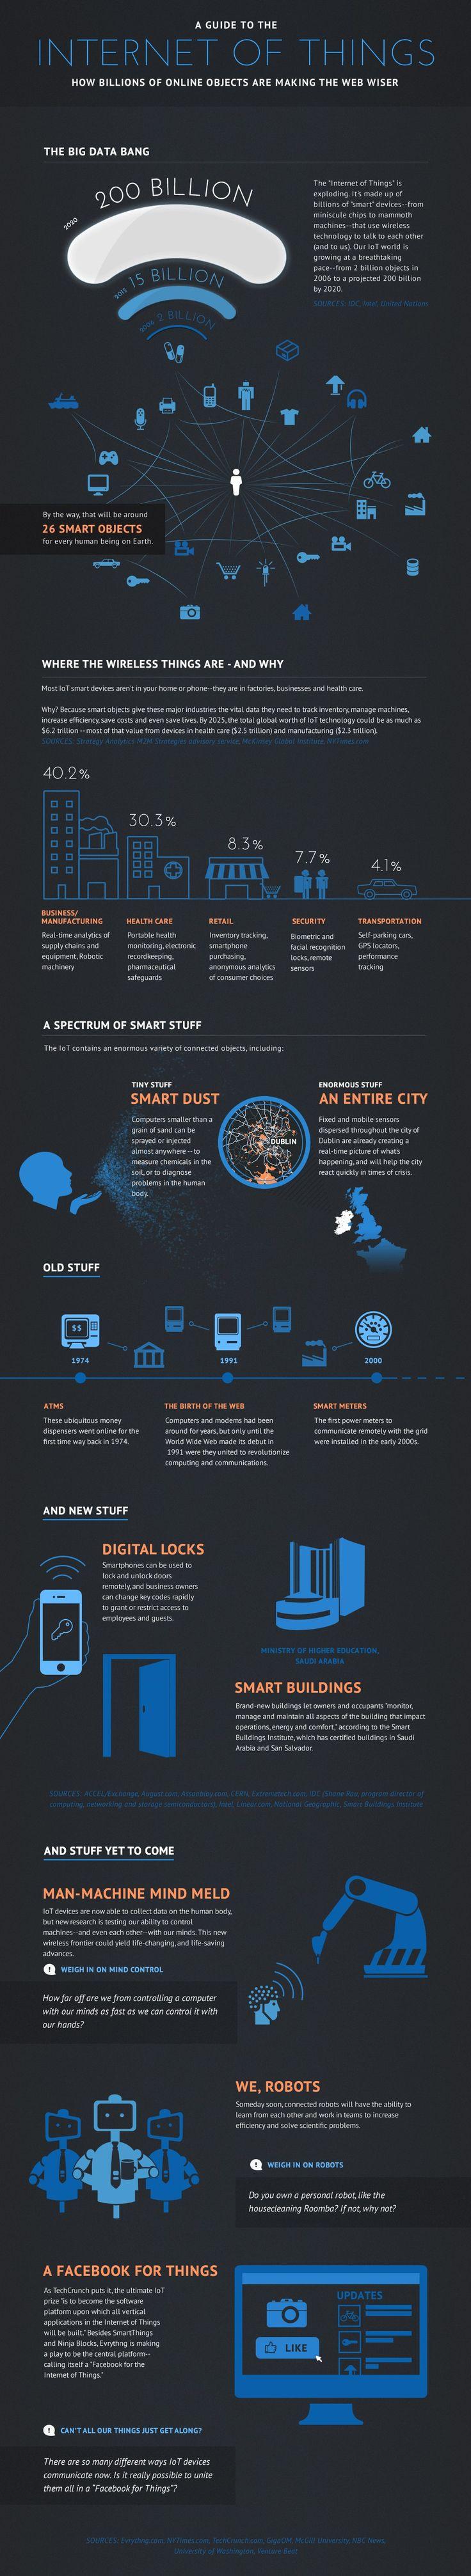 Internet věcí (Internet of Things, IoT) obsahuje mnoho čidel a chytrých objektů, které pomáhají dělat celou síť chytřejší. Podívejte se, jaké výhody z toho plynou: